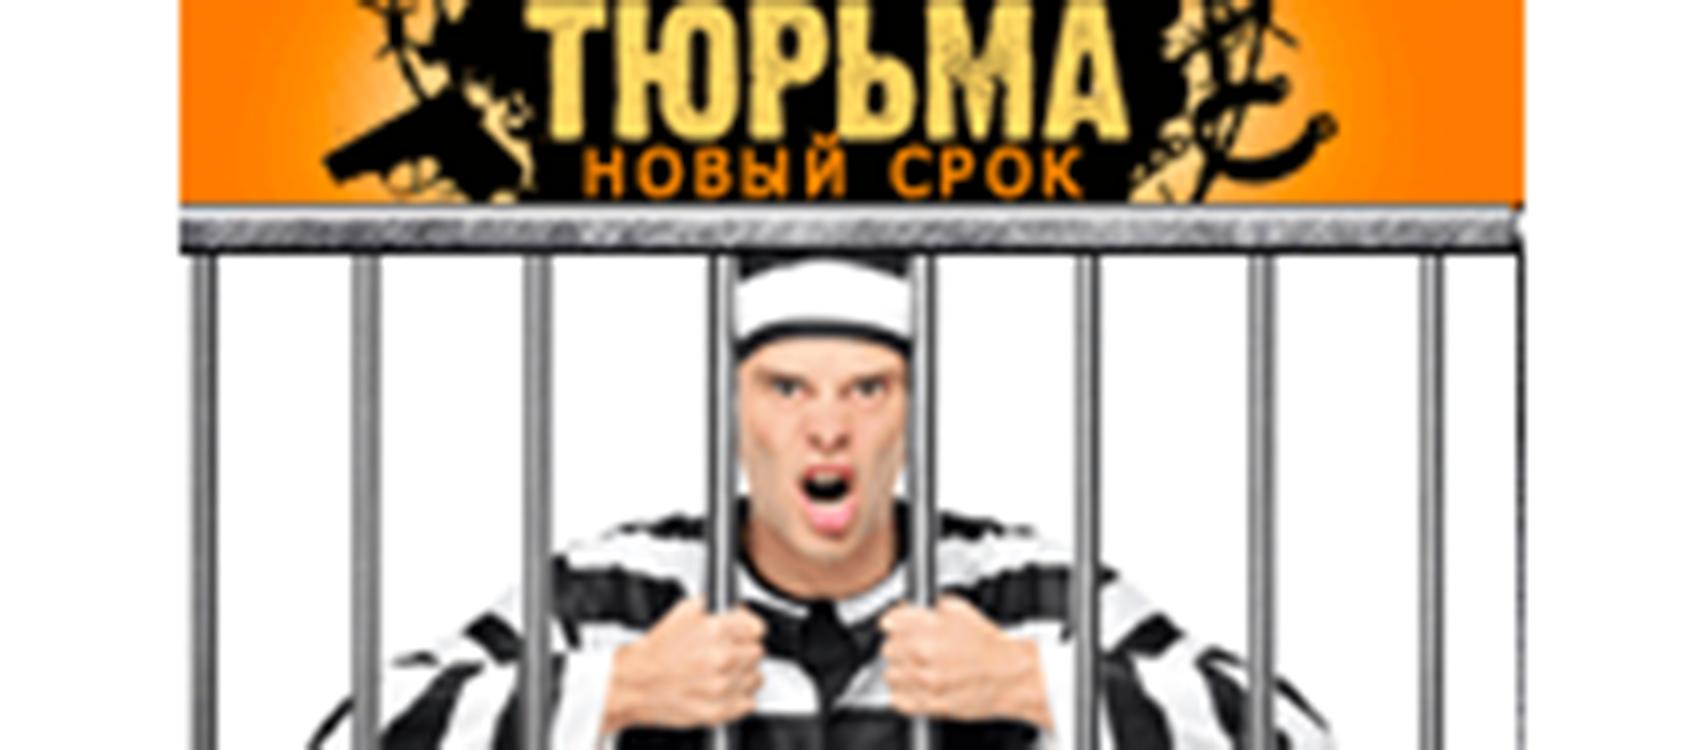 Тюрьма. Новый срок  (lg)